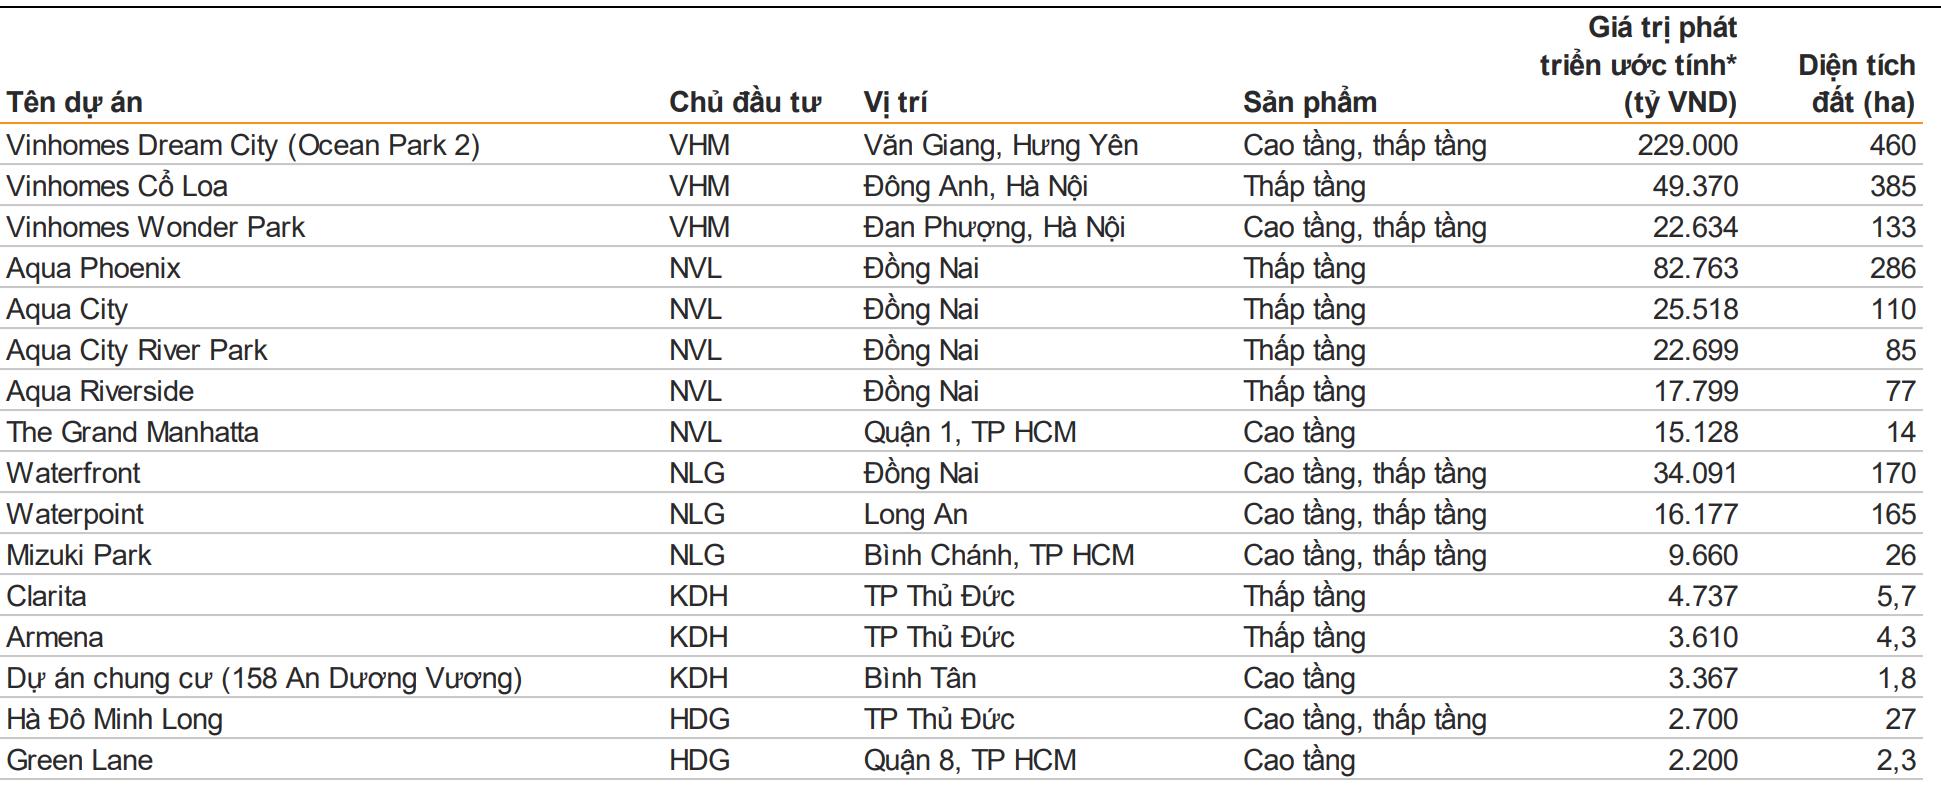 Vinhomes, Novaland, Nam Long, Khang Điền hưởng lợi gì khi giá nhà đất tăng trên diện rộng? - Ảnh 3.